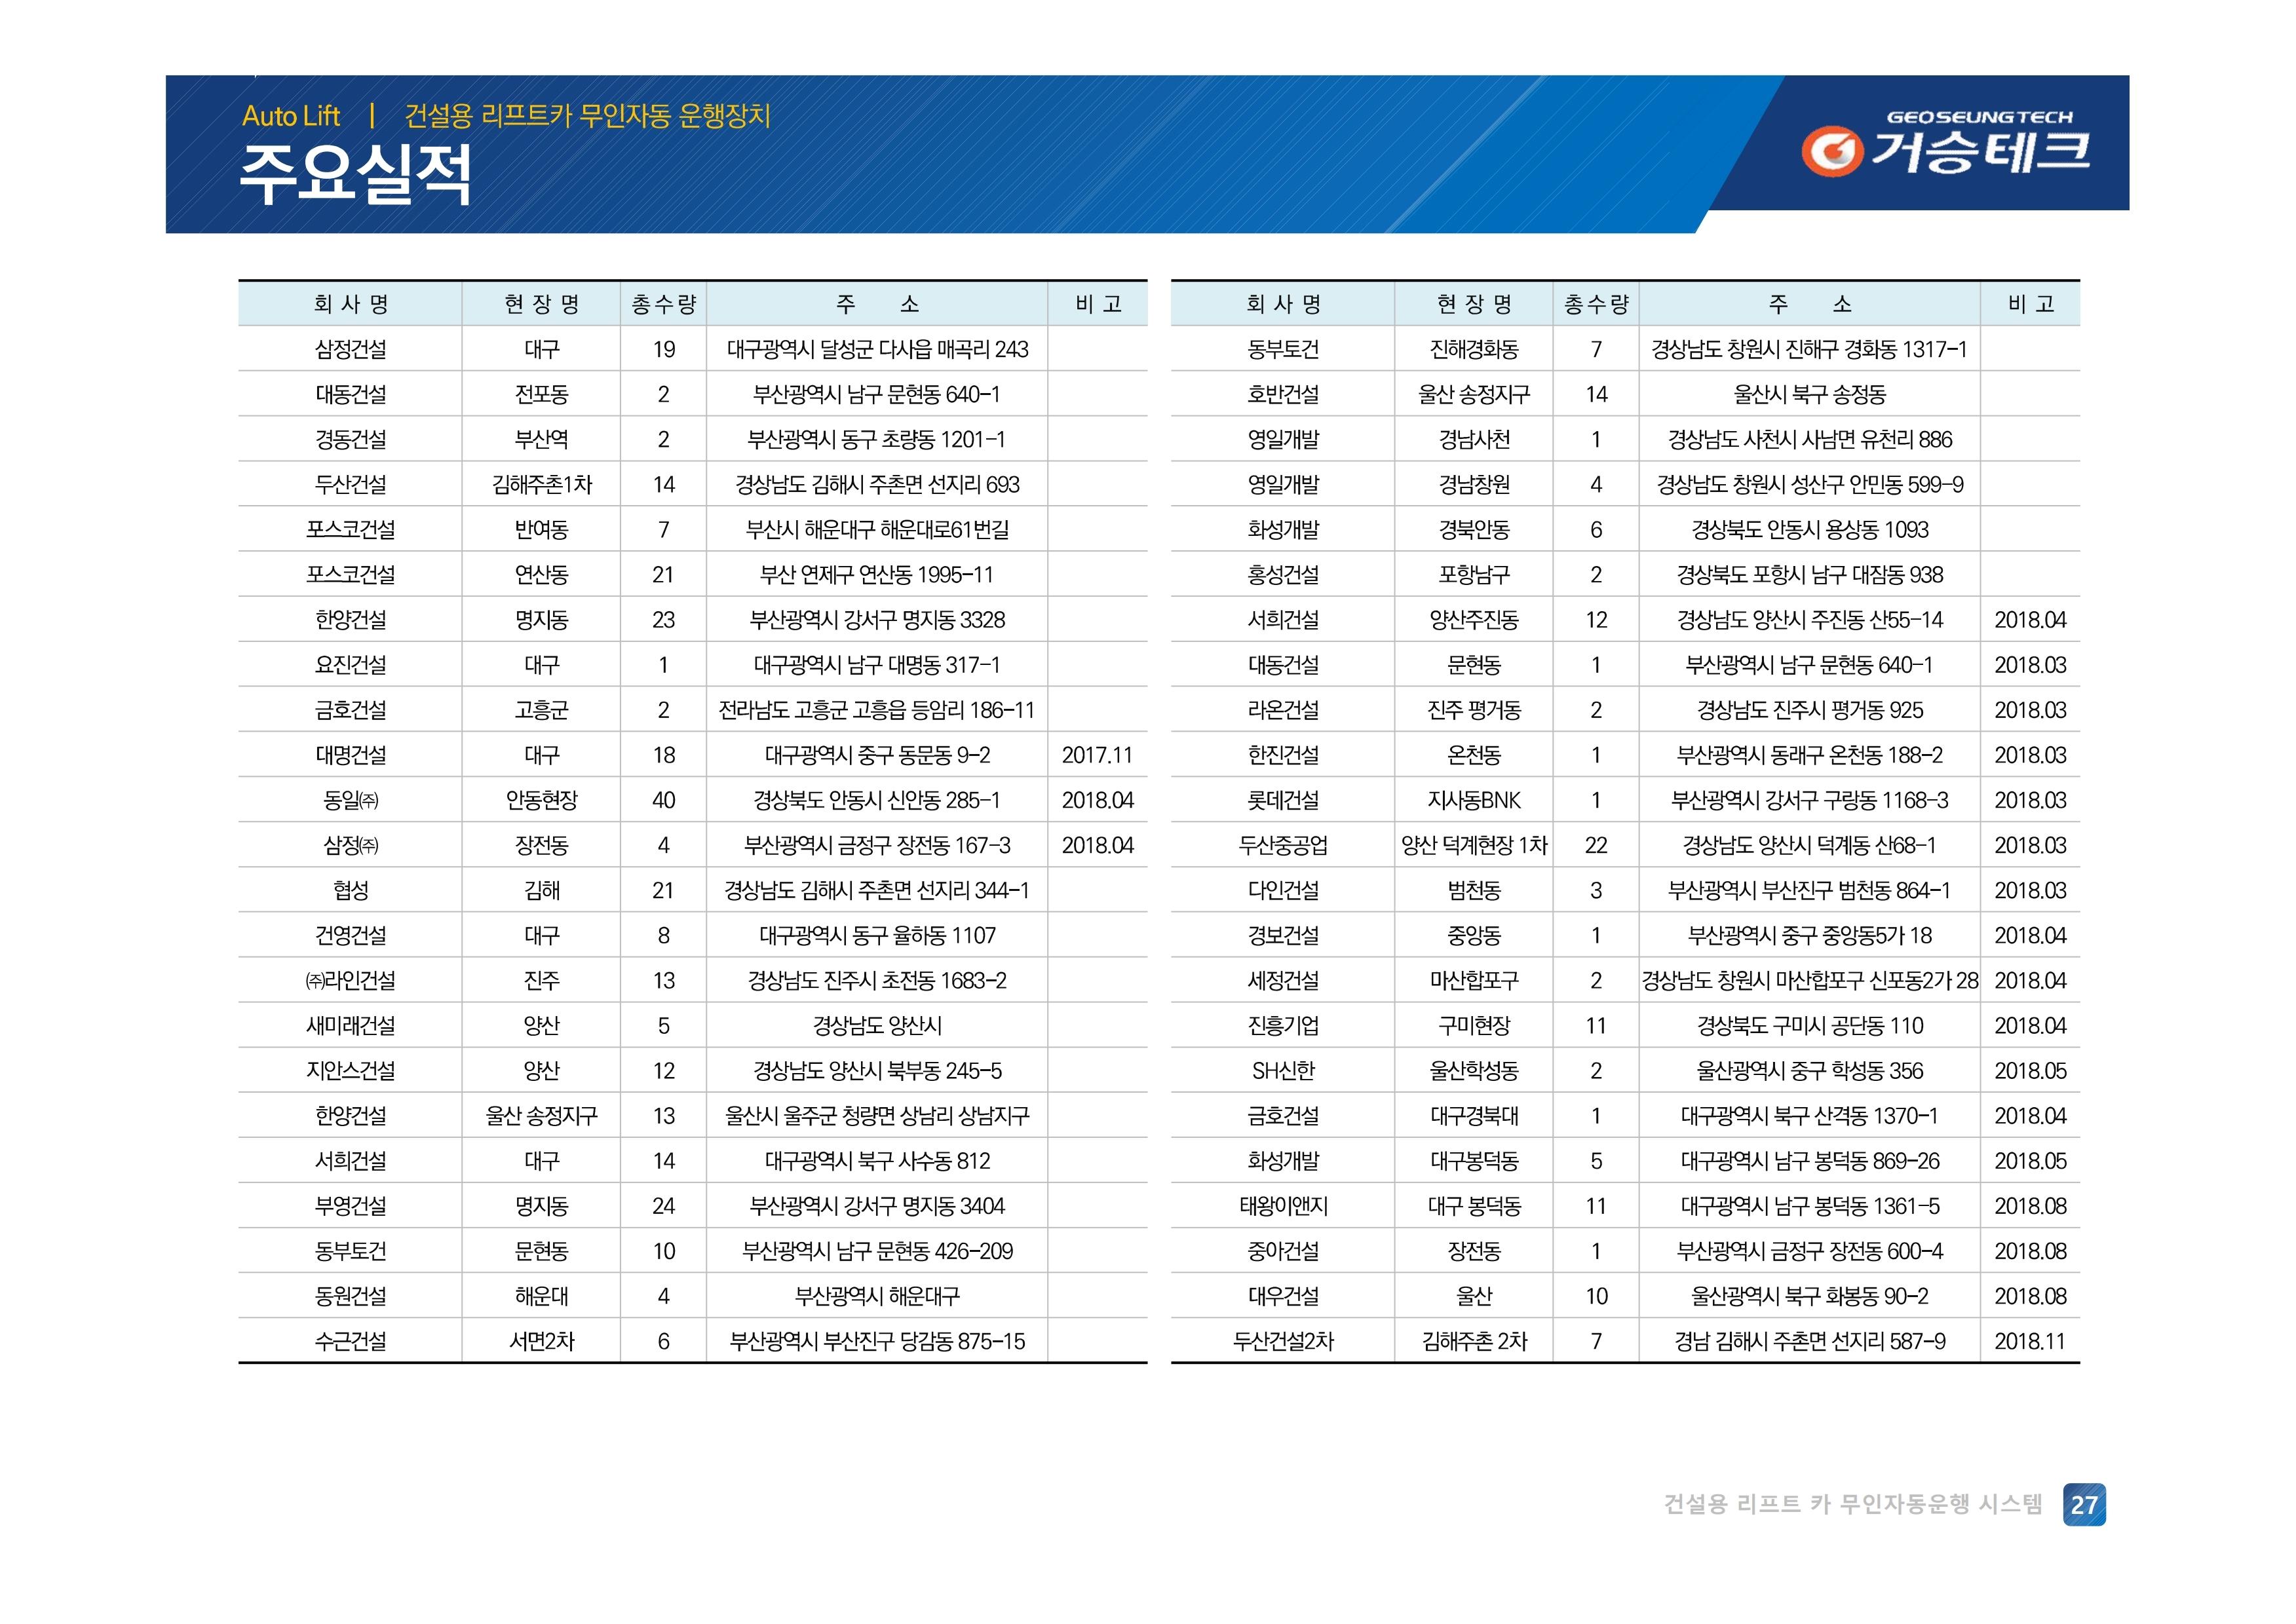 무인자동 (거승테크)-Rev01 (2020-07-22).pdf_page_27.jpg